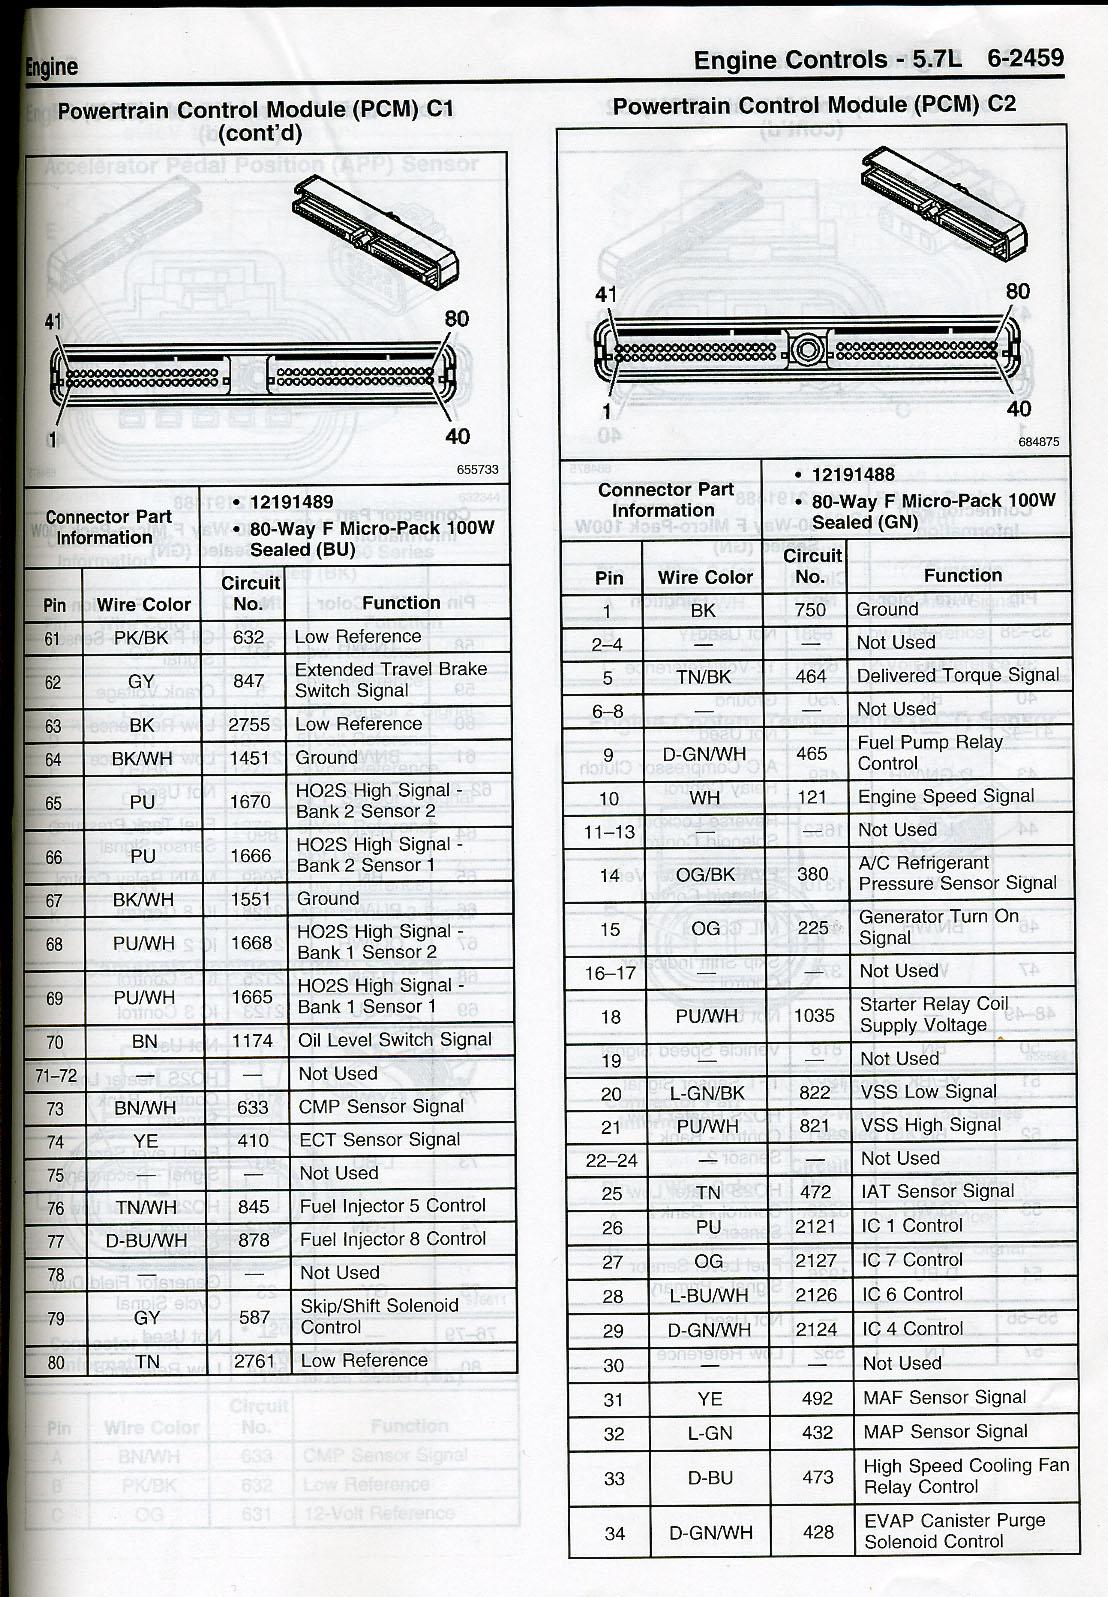 PCM connectors